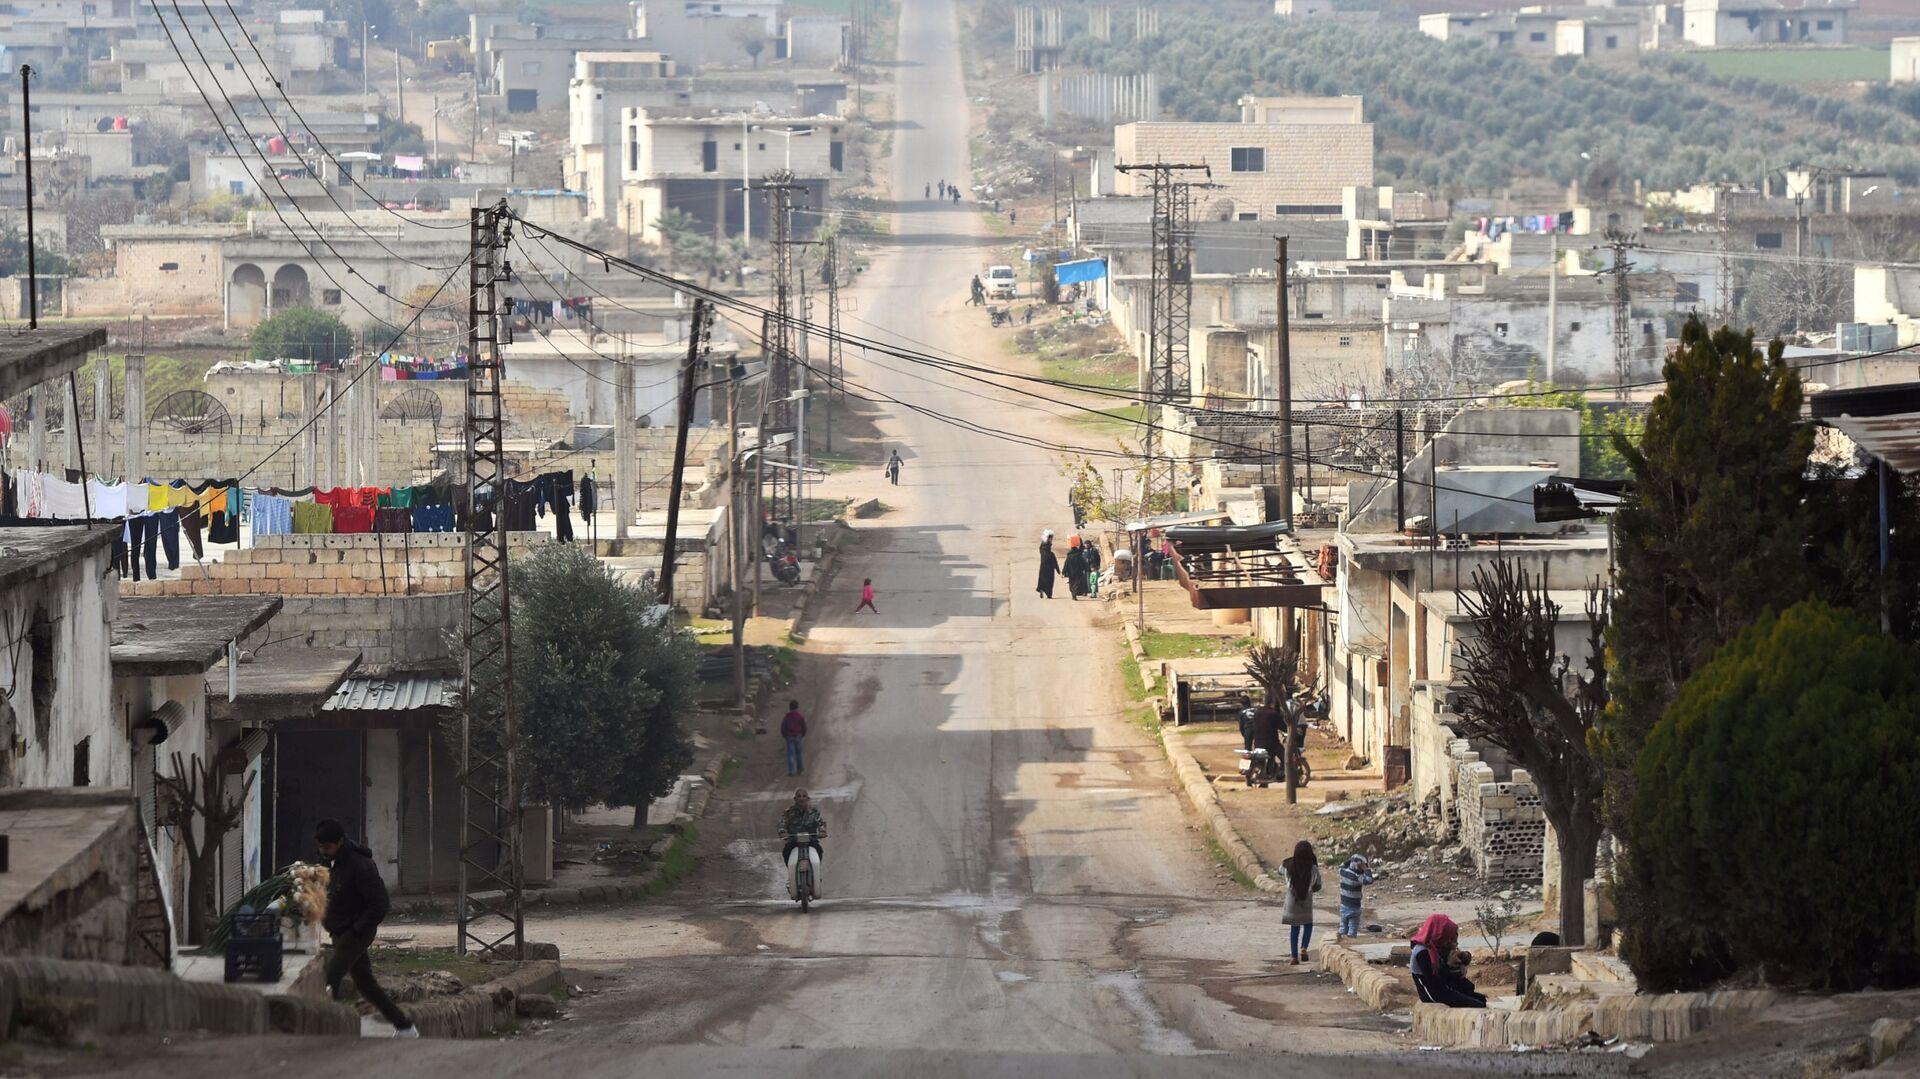 La situación en Siria (archivo) - Sputnik Mundo, 1920, 30.03.2021